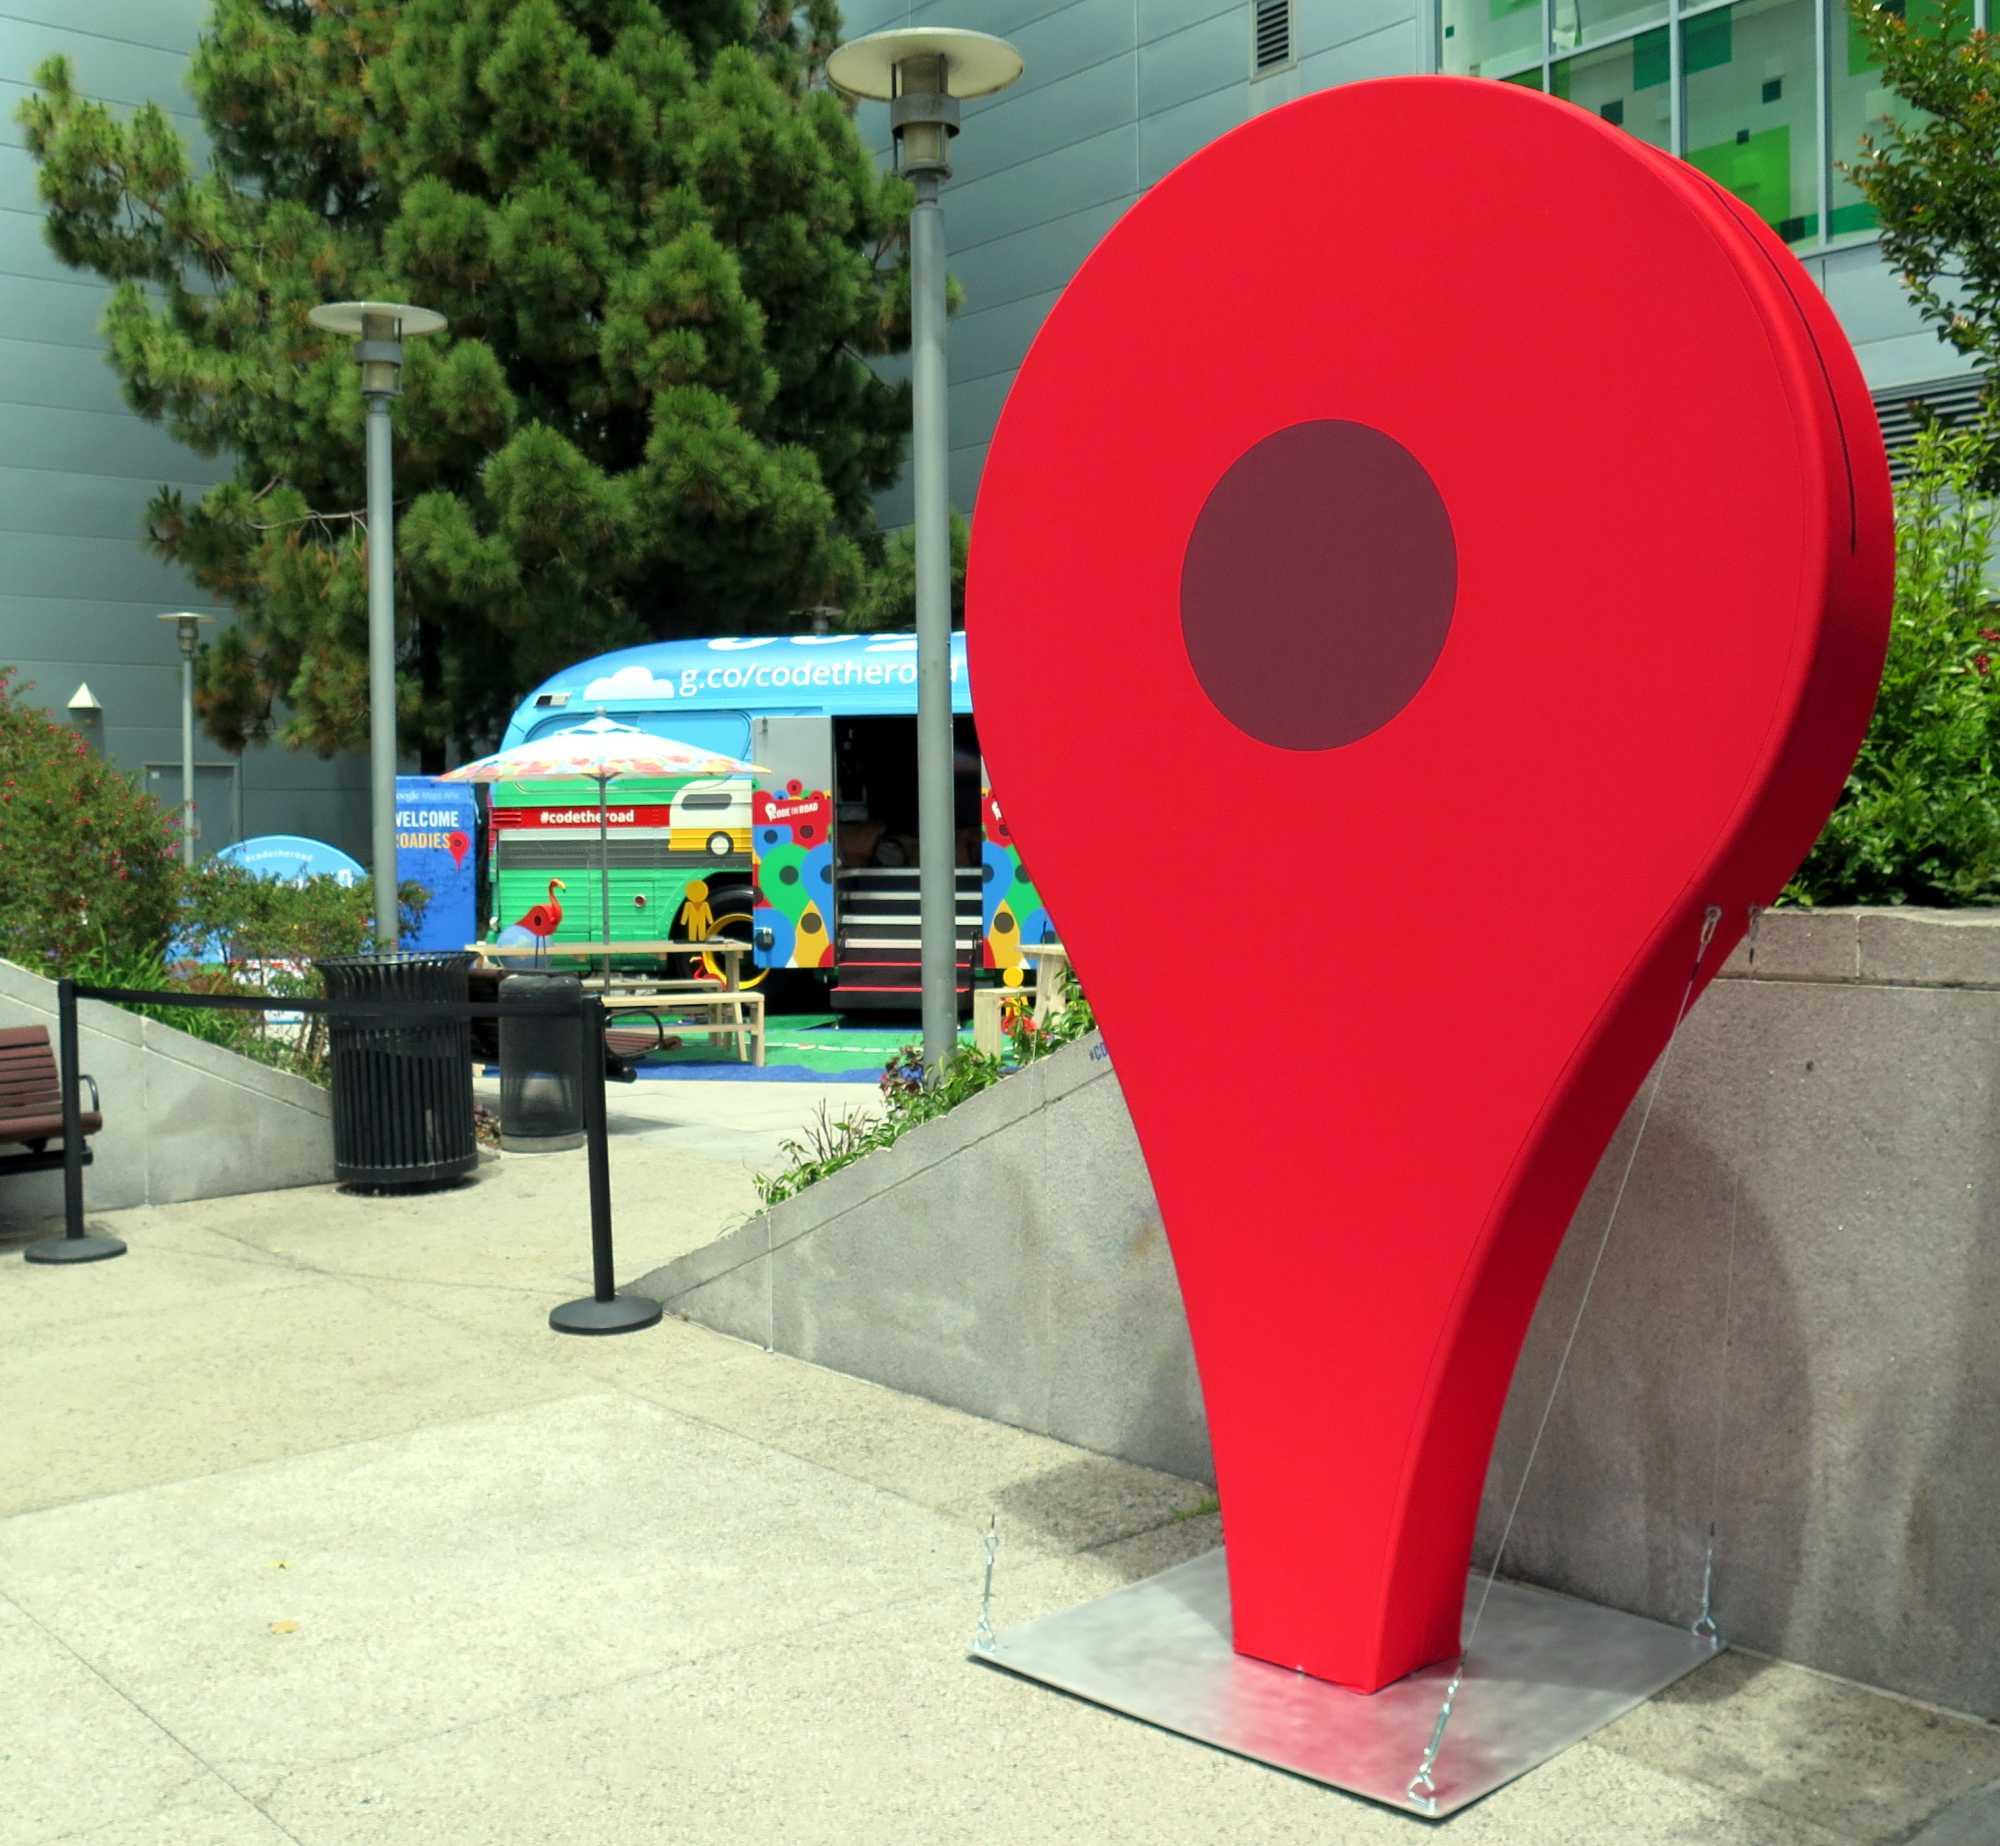 Überlebensgroßes Modell des roten Zielpunkts aus Google Maps